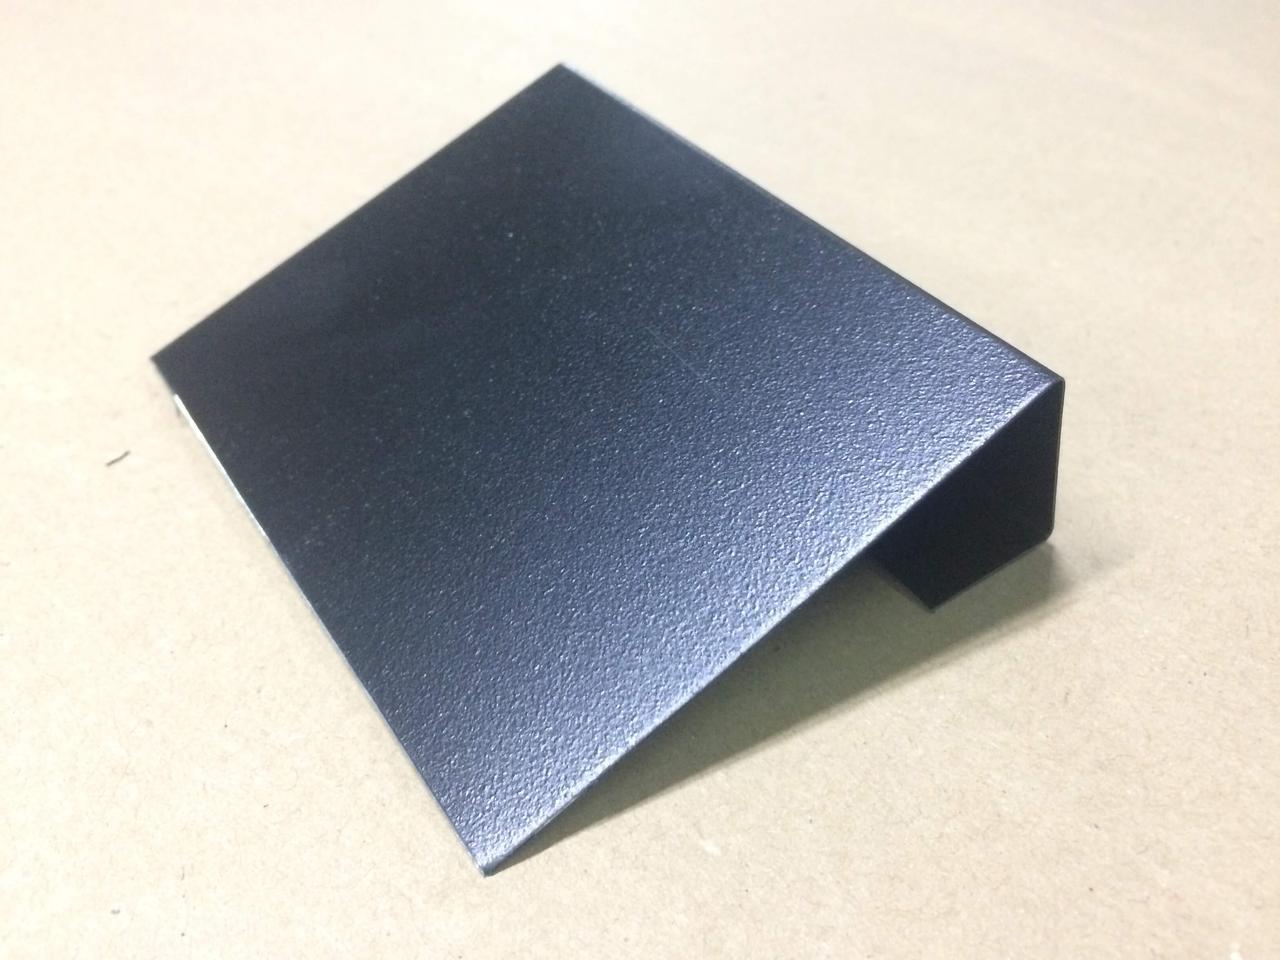 Ценник меловой 10х10  см с подставкой для надписей мелом и маркером грифельная табличка. Крейдовий